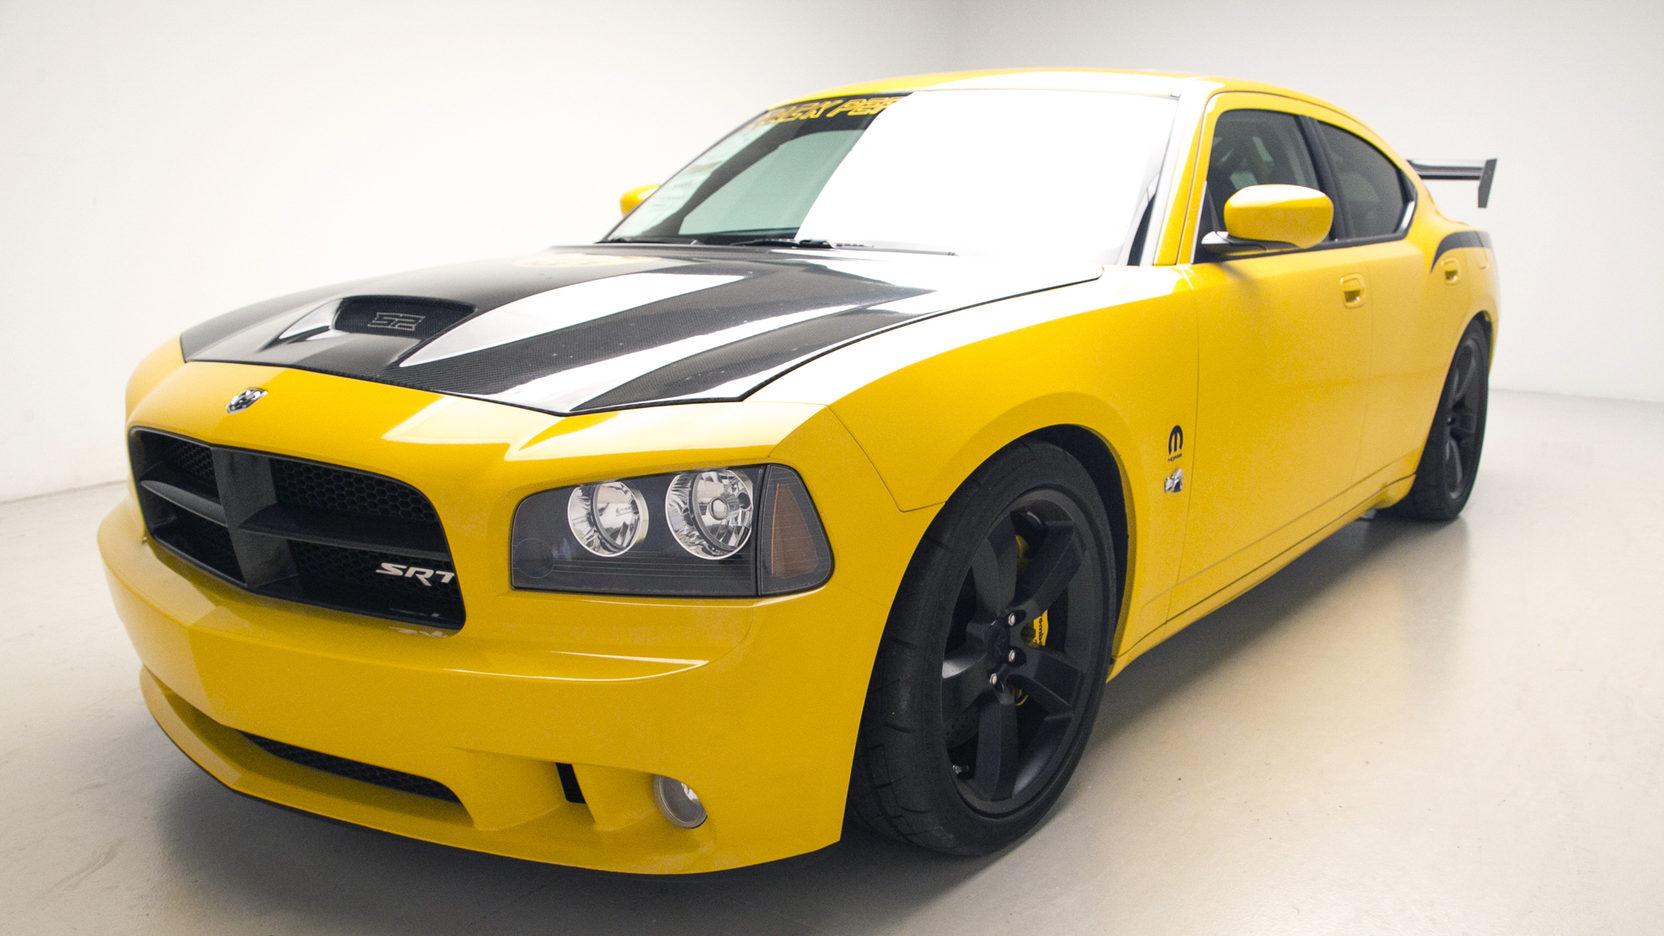 2008 Charger Srt8 Black